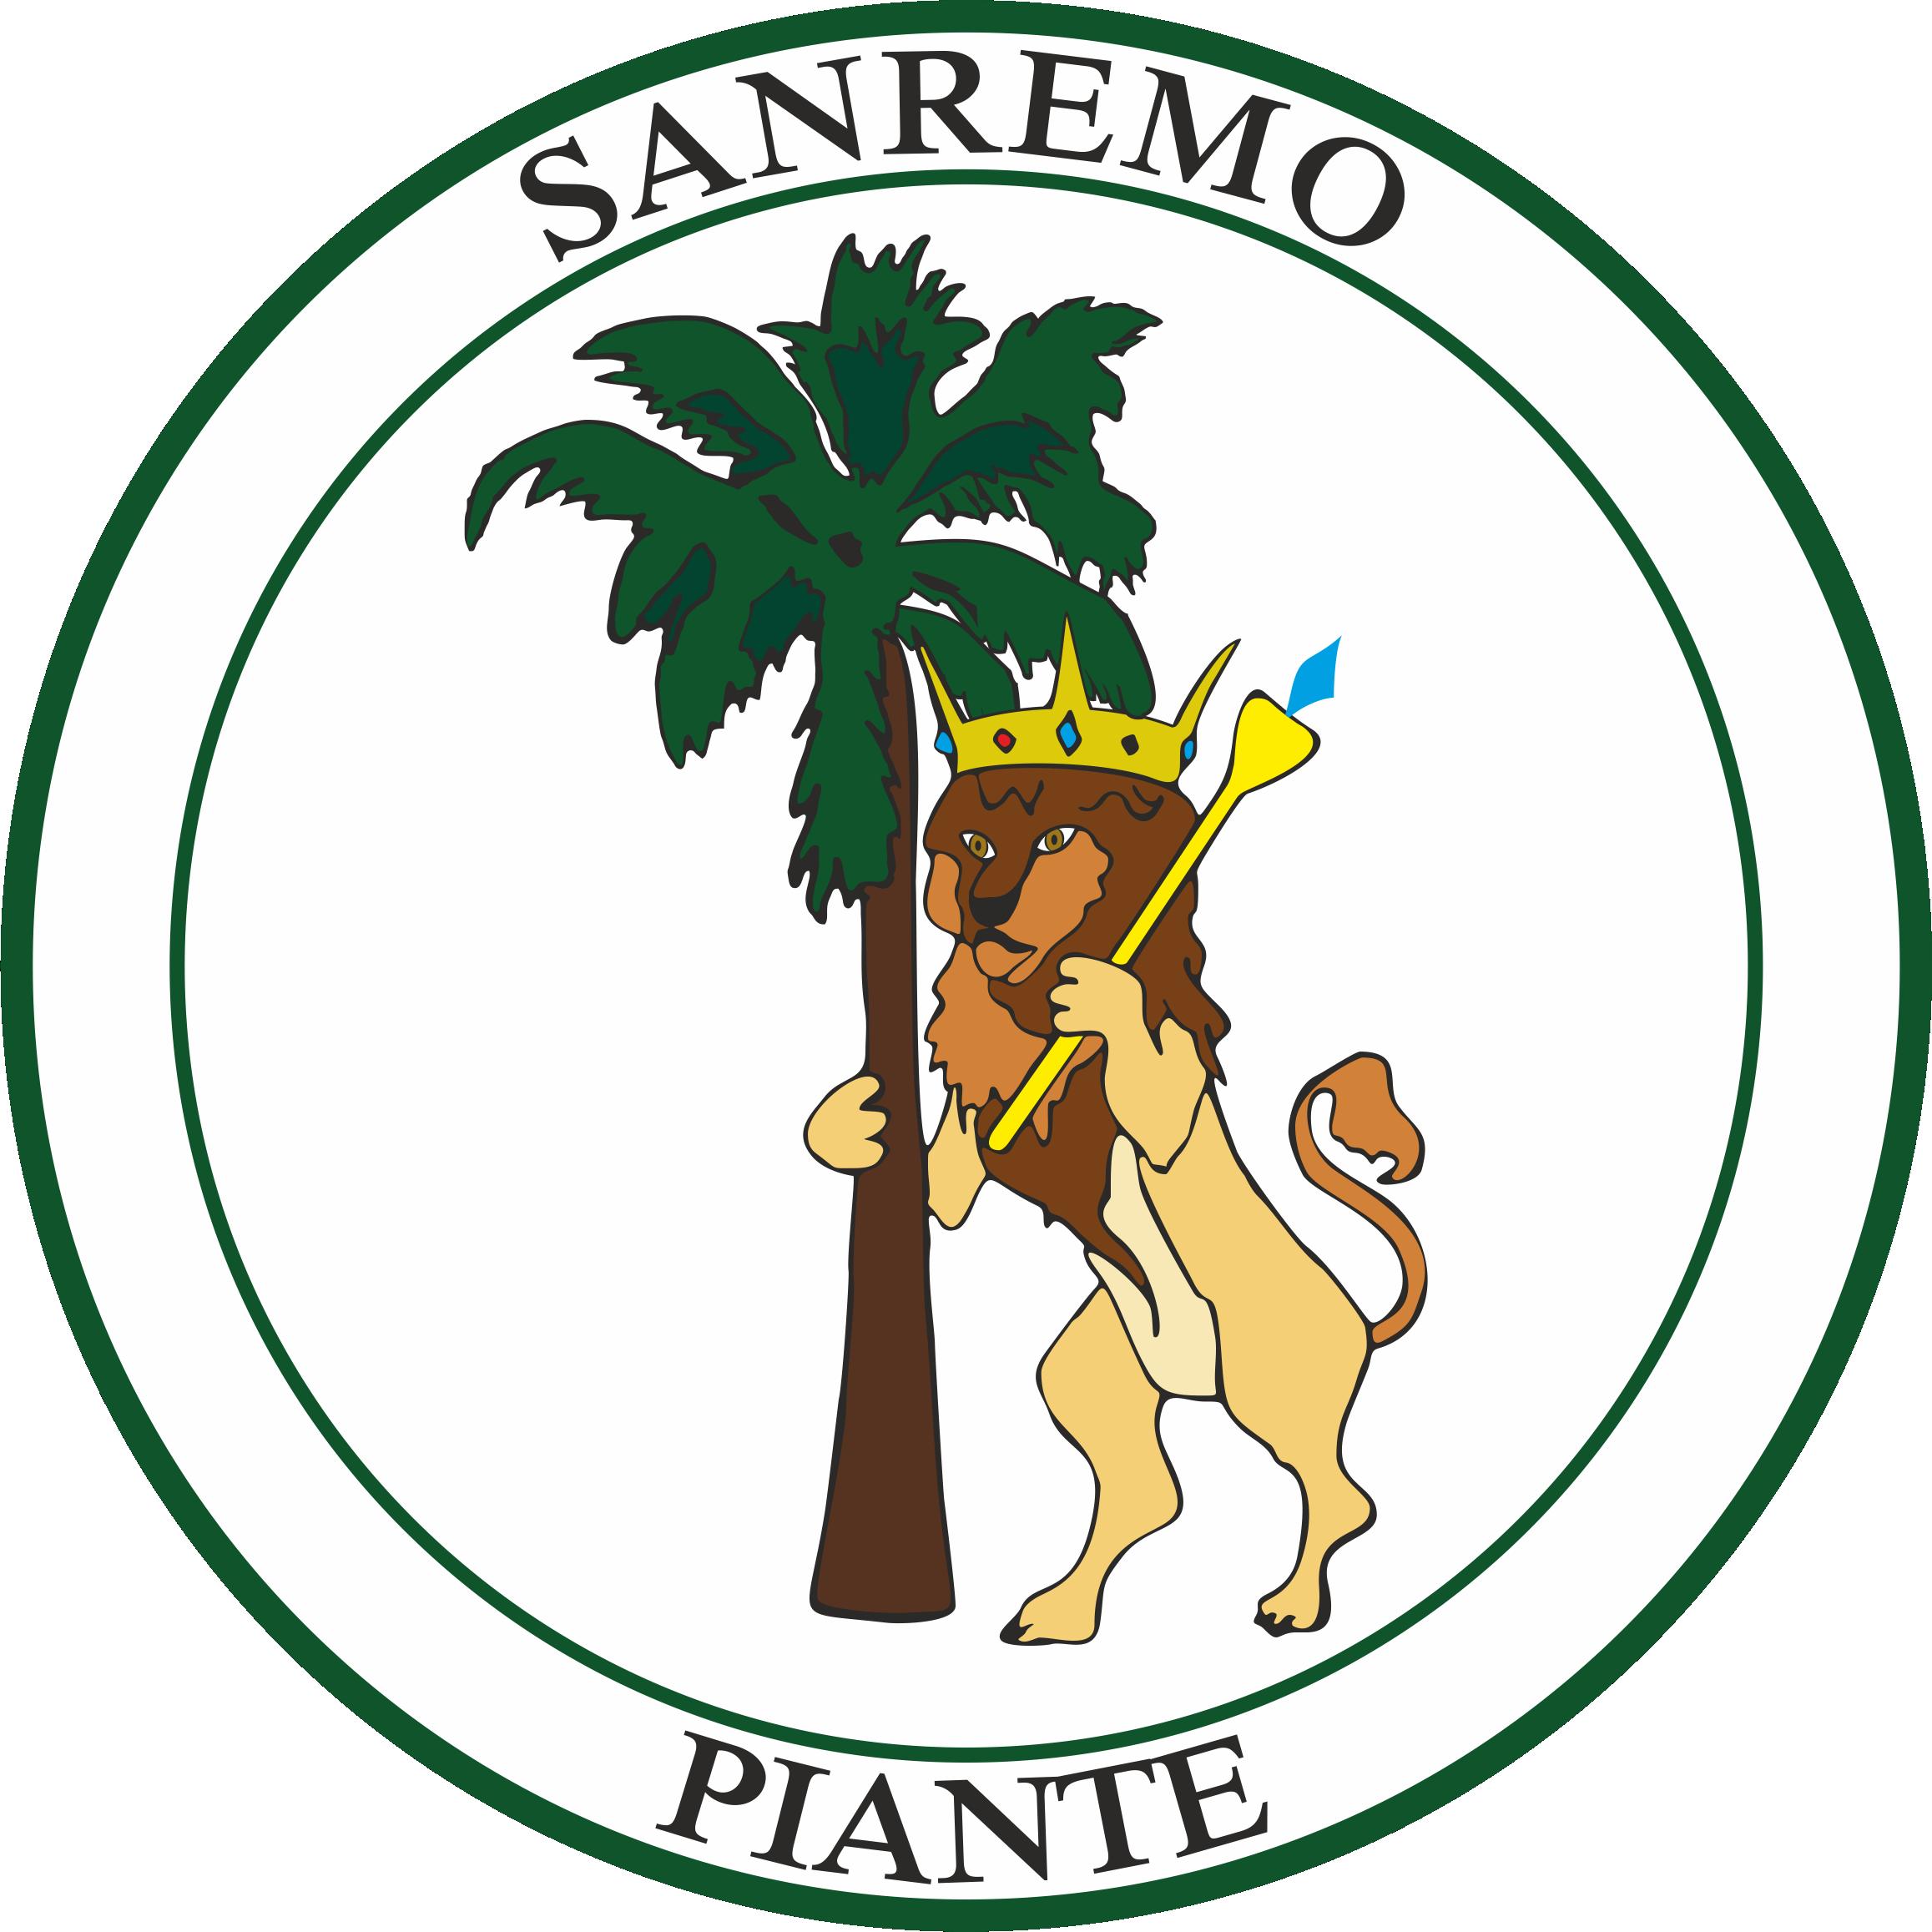 Sanremo Piante -